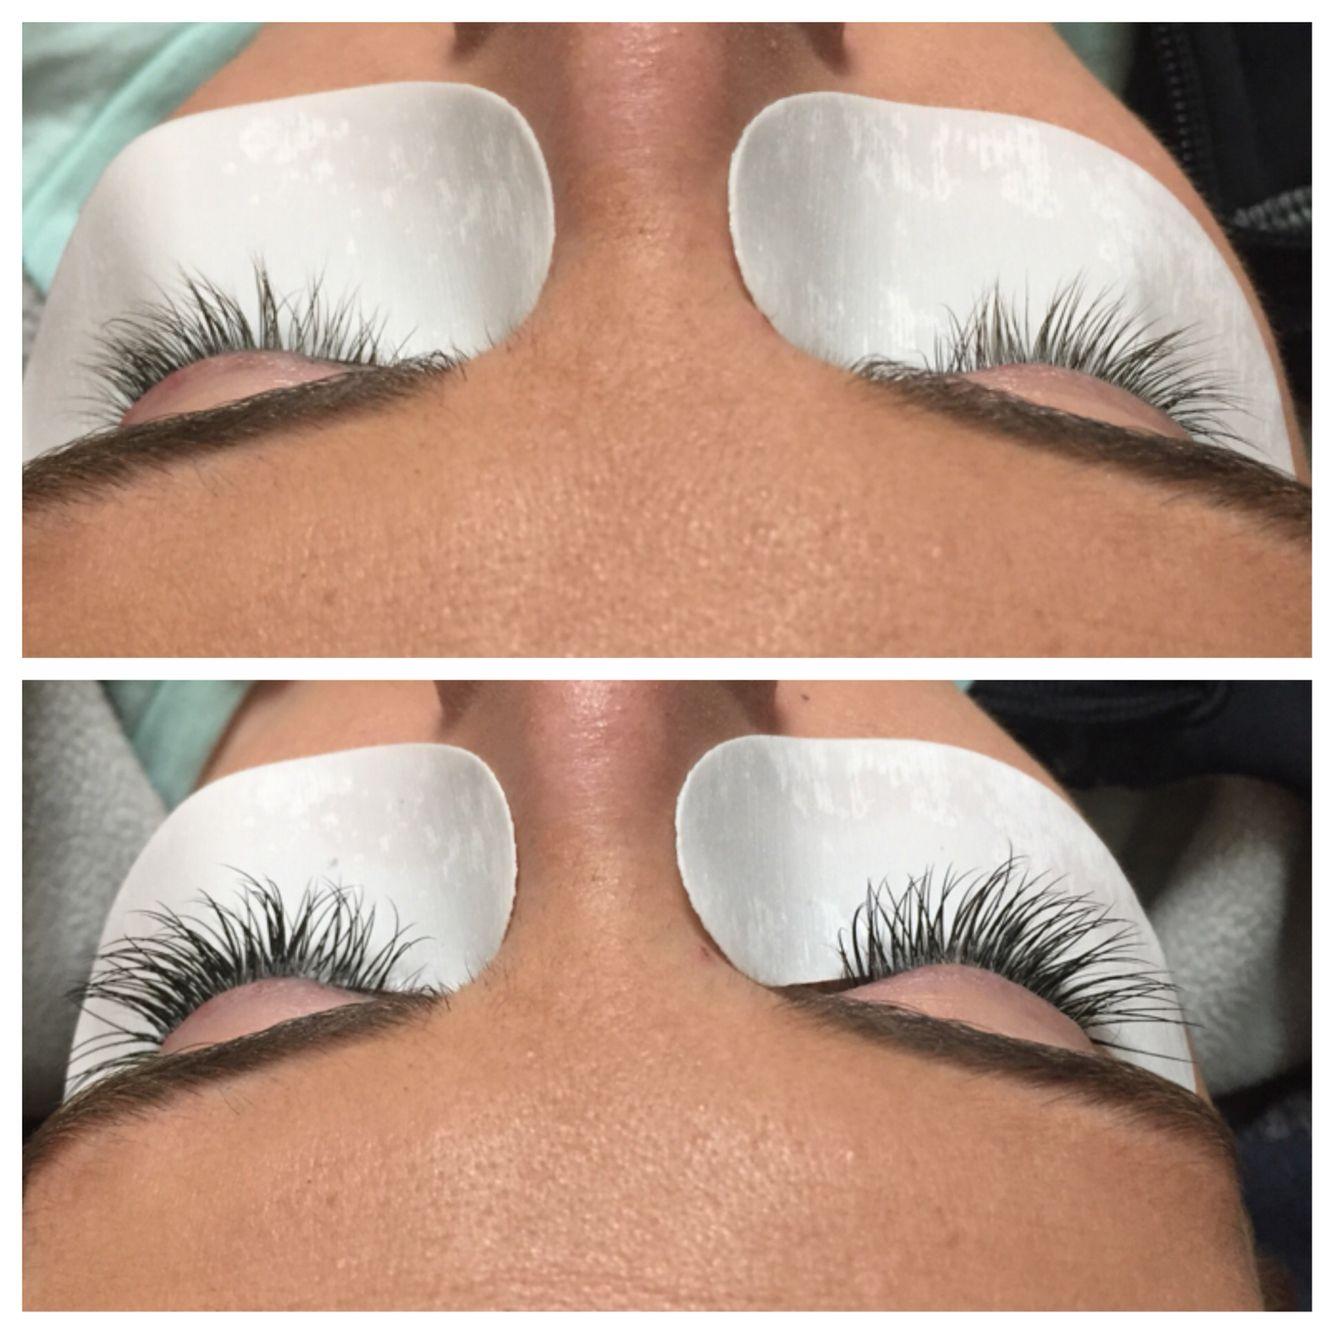 652d53b07d1 C curl size 13 | Lash Extensions | Lash extensions, Eyelashes, C curl